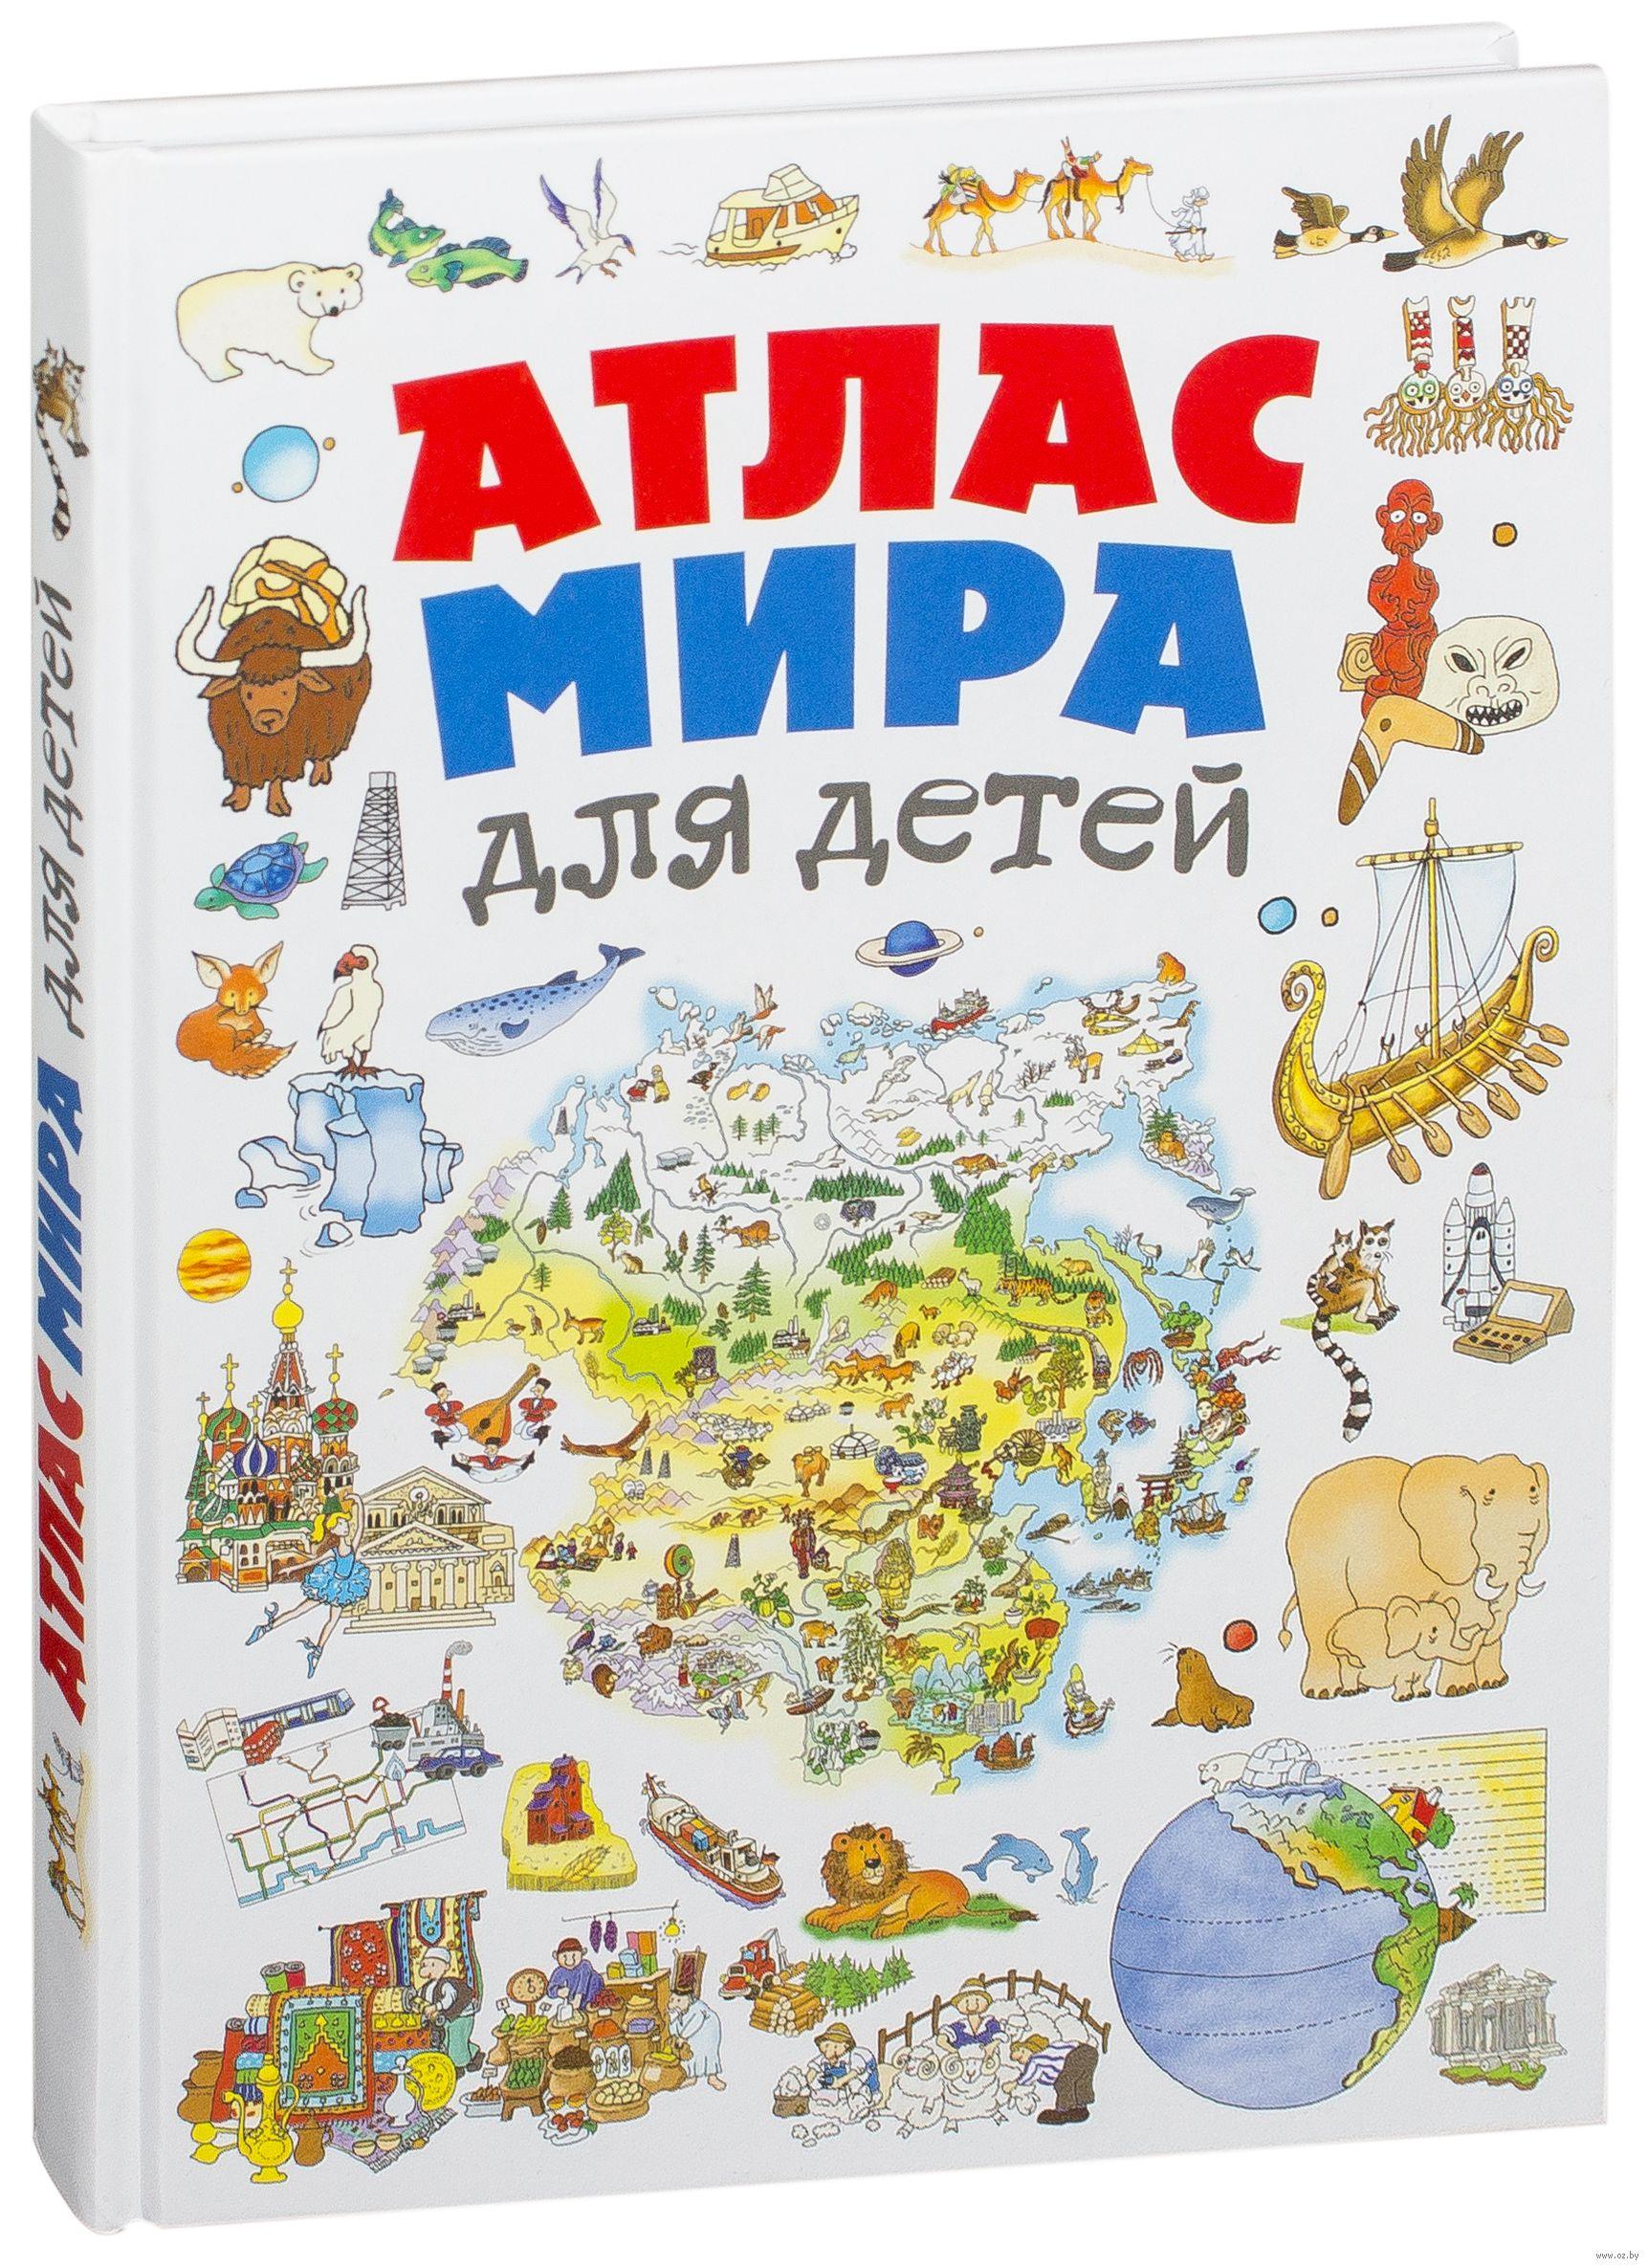 Атлас мира для детей» - купить книгу «Атлас мира для детей» в Минске ... 54b6b3e915e